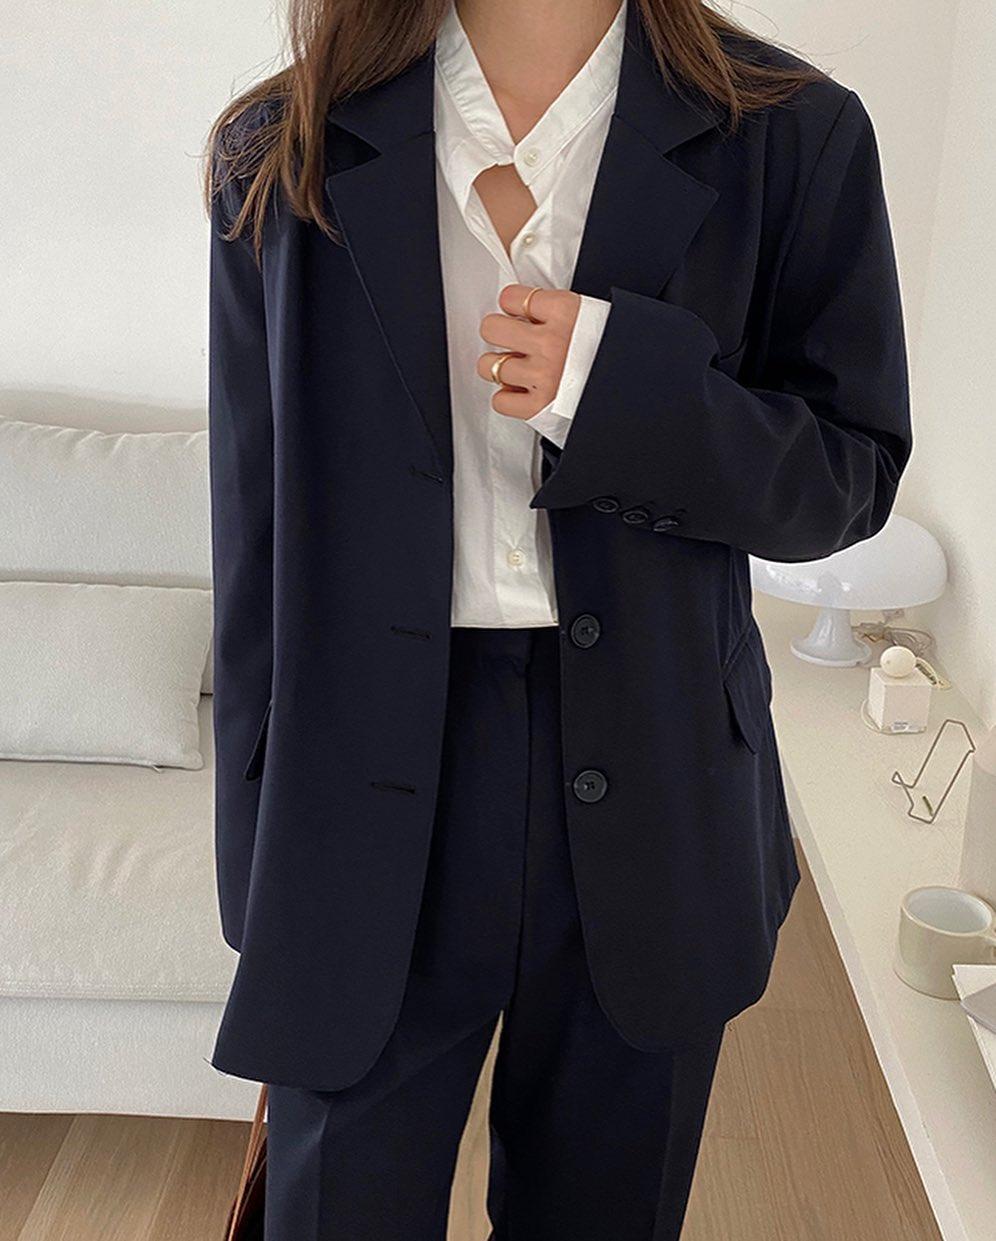 5 mẫu áo quá hợp để diện cùng blazer, bạn cần biết hết để không bao giờ thất bại trong chuyện mặc đẹp 2